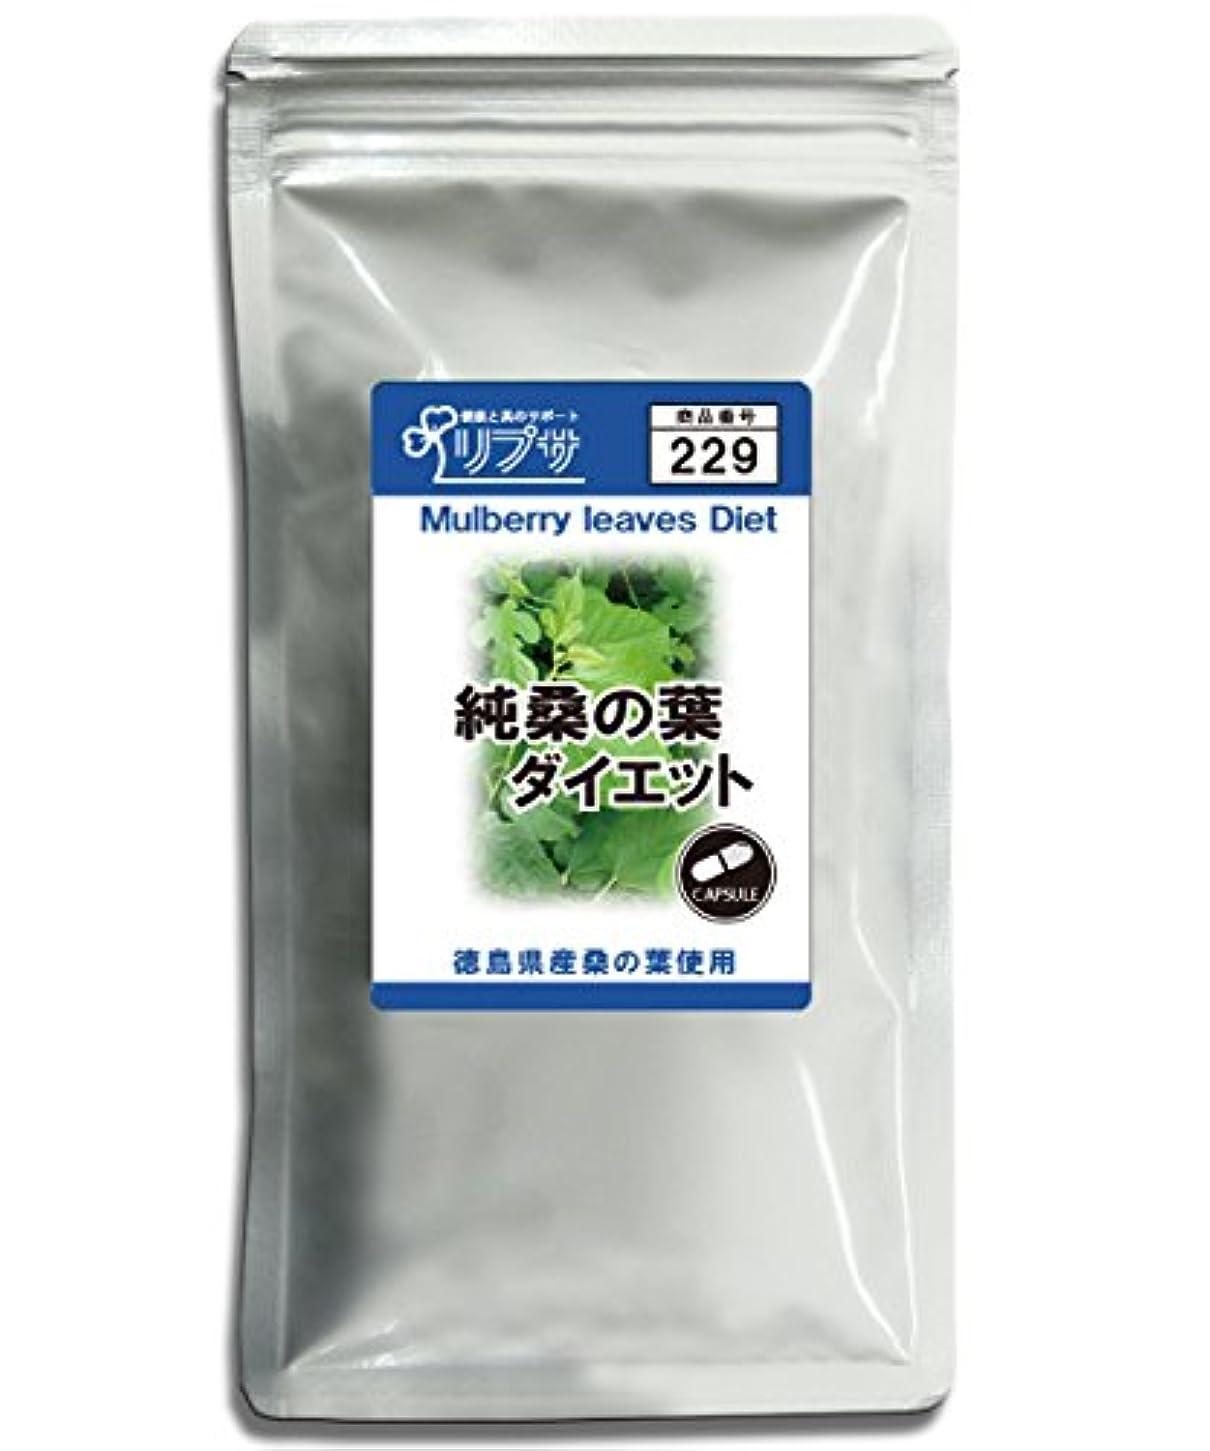 アーカイブ緯度吸う純桑の葉ダイエット 約3か月分 C-229